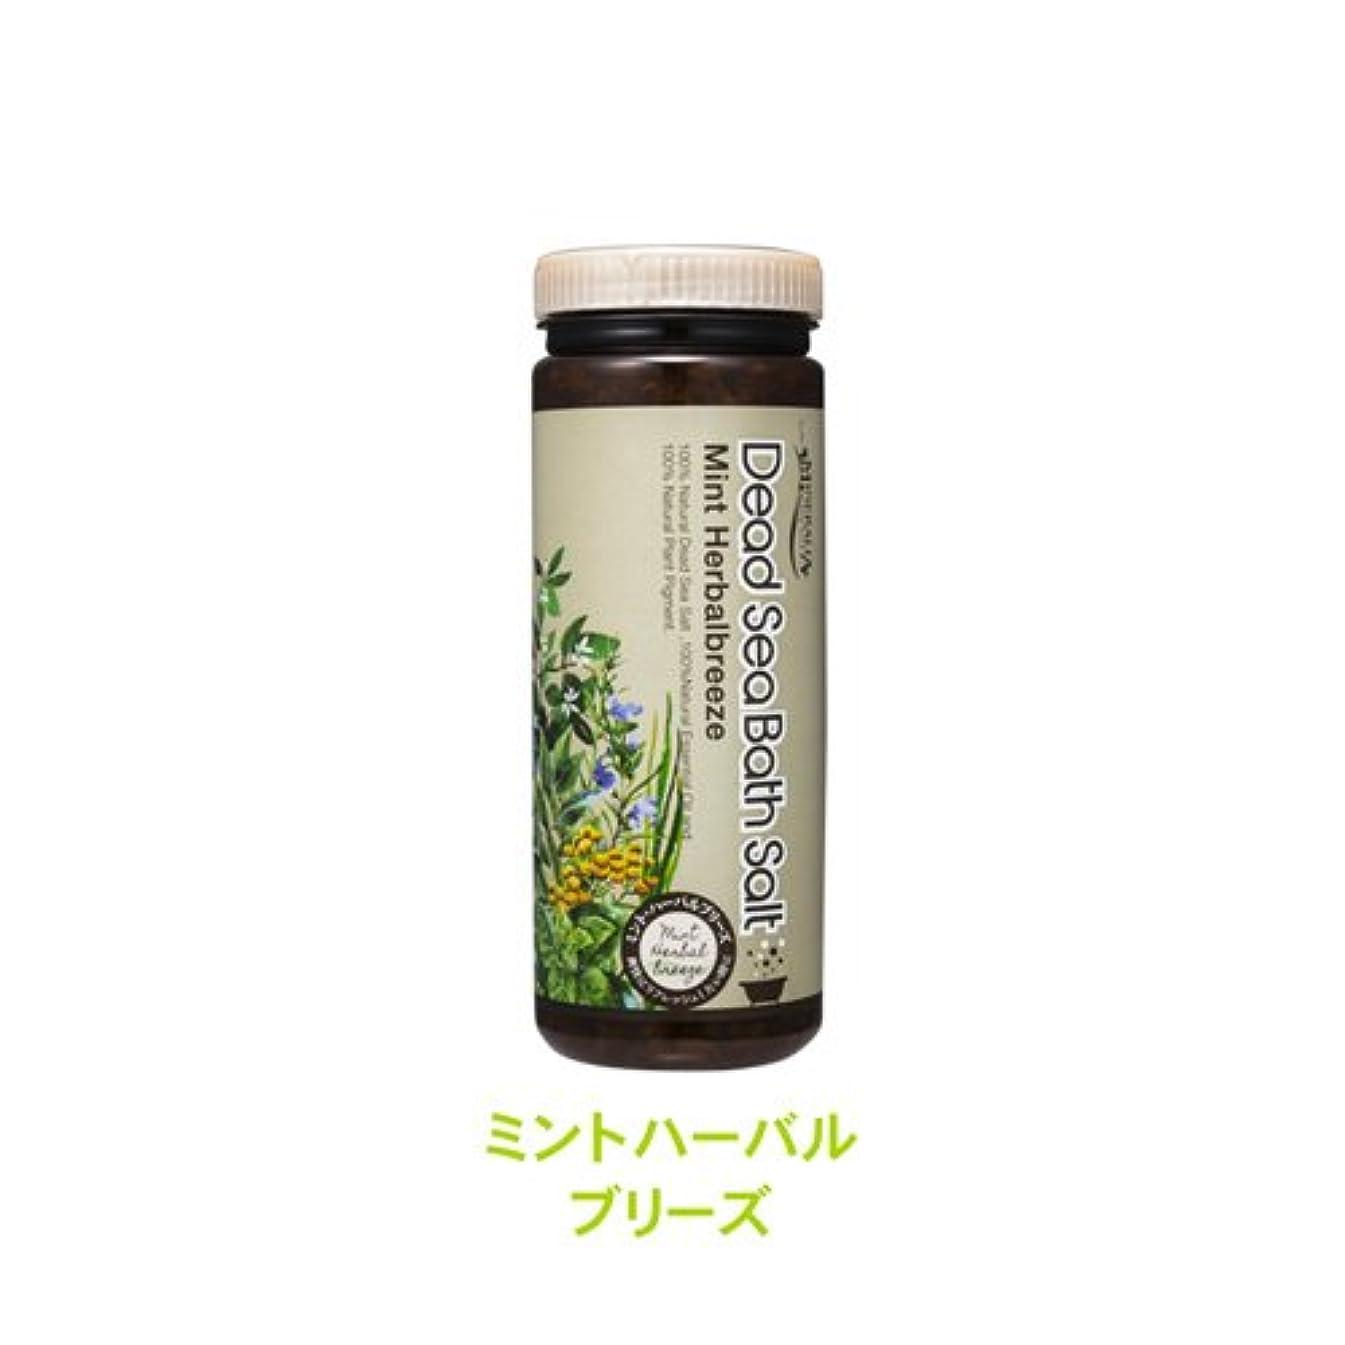 限定花瓶マスクミネラリア デッドシーバスソルト  アロマバスソルト ミントハーバルブリーズ 500g